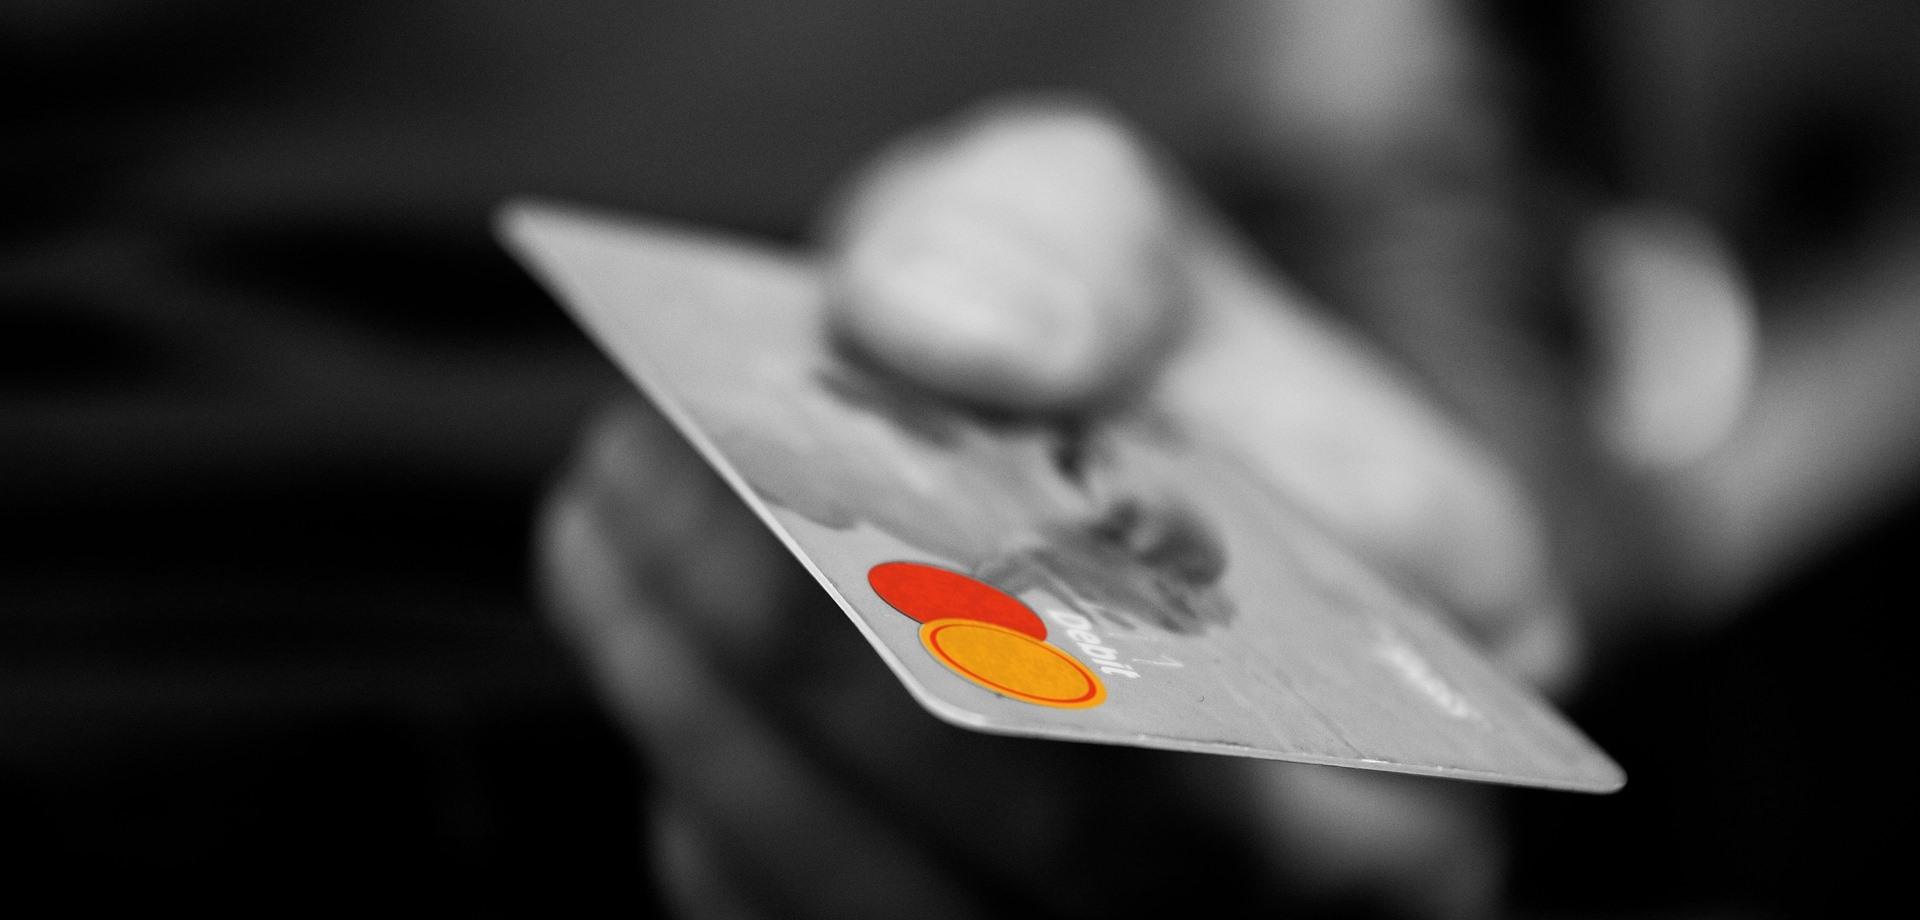 Εξοφλείστε με πιστωτικές κάρτες